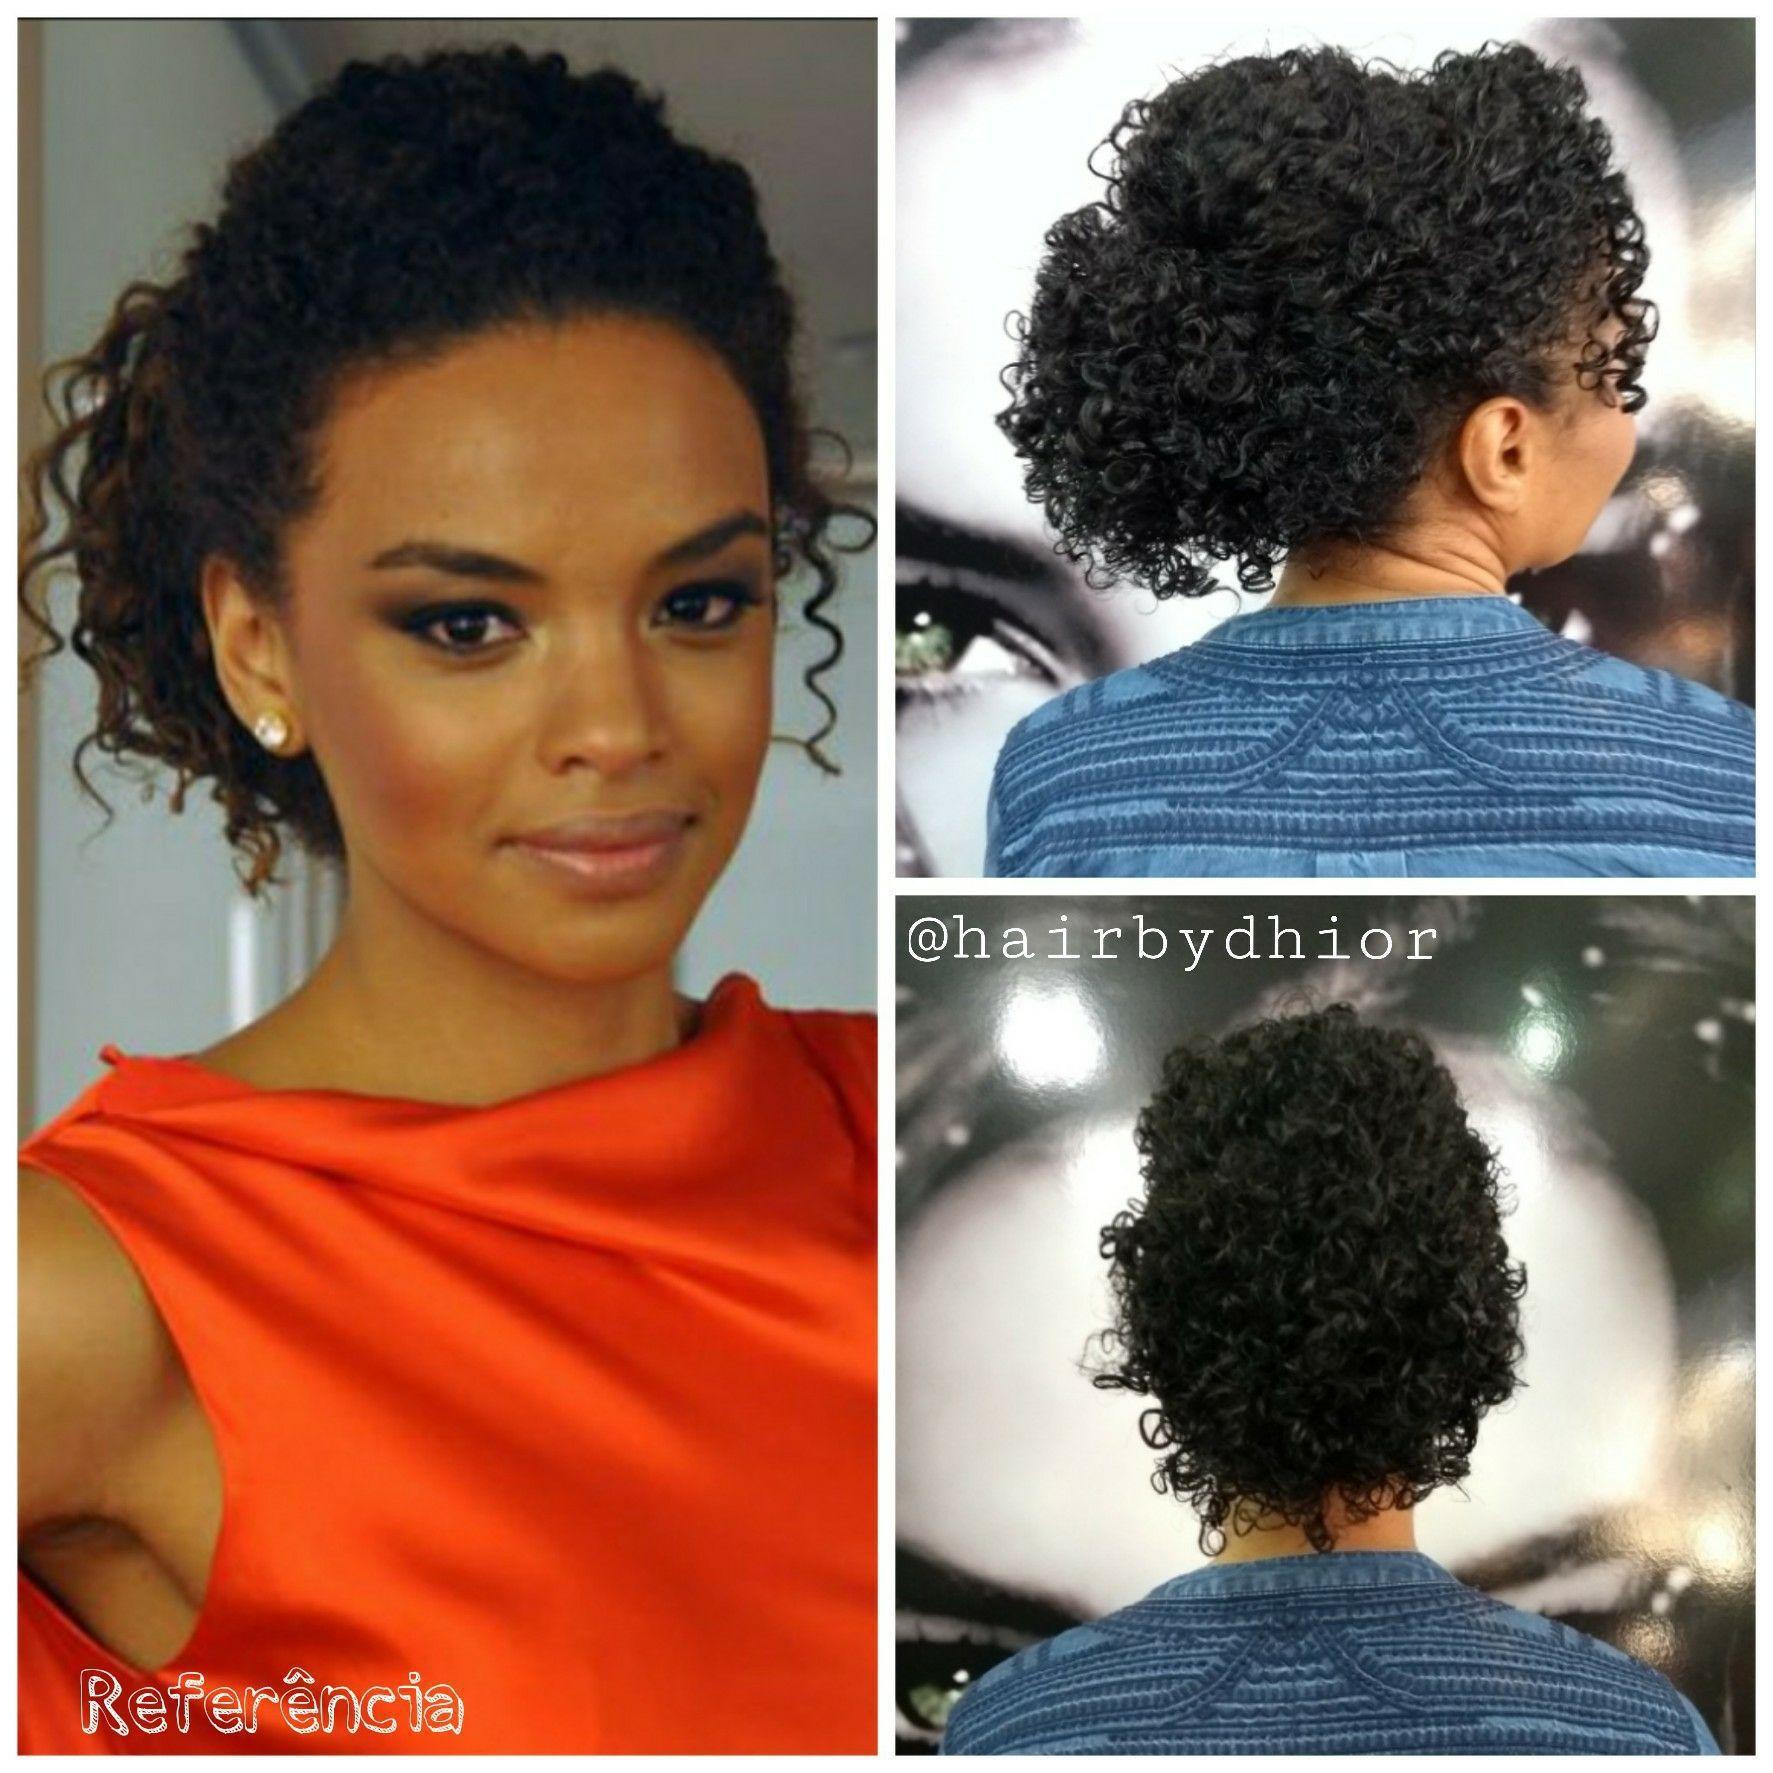 Penteado em Cabelo Cacheado cabelo cabeleireiro(a)